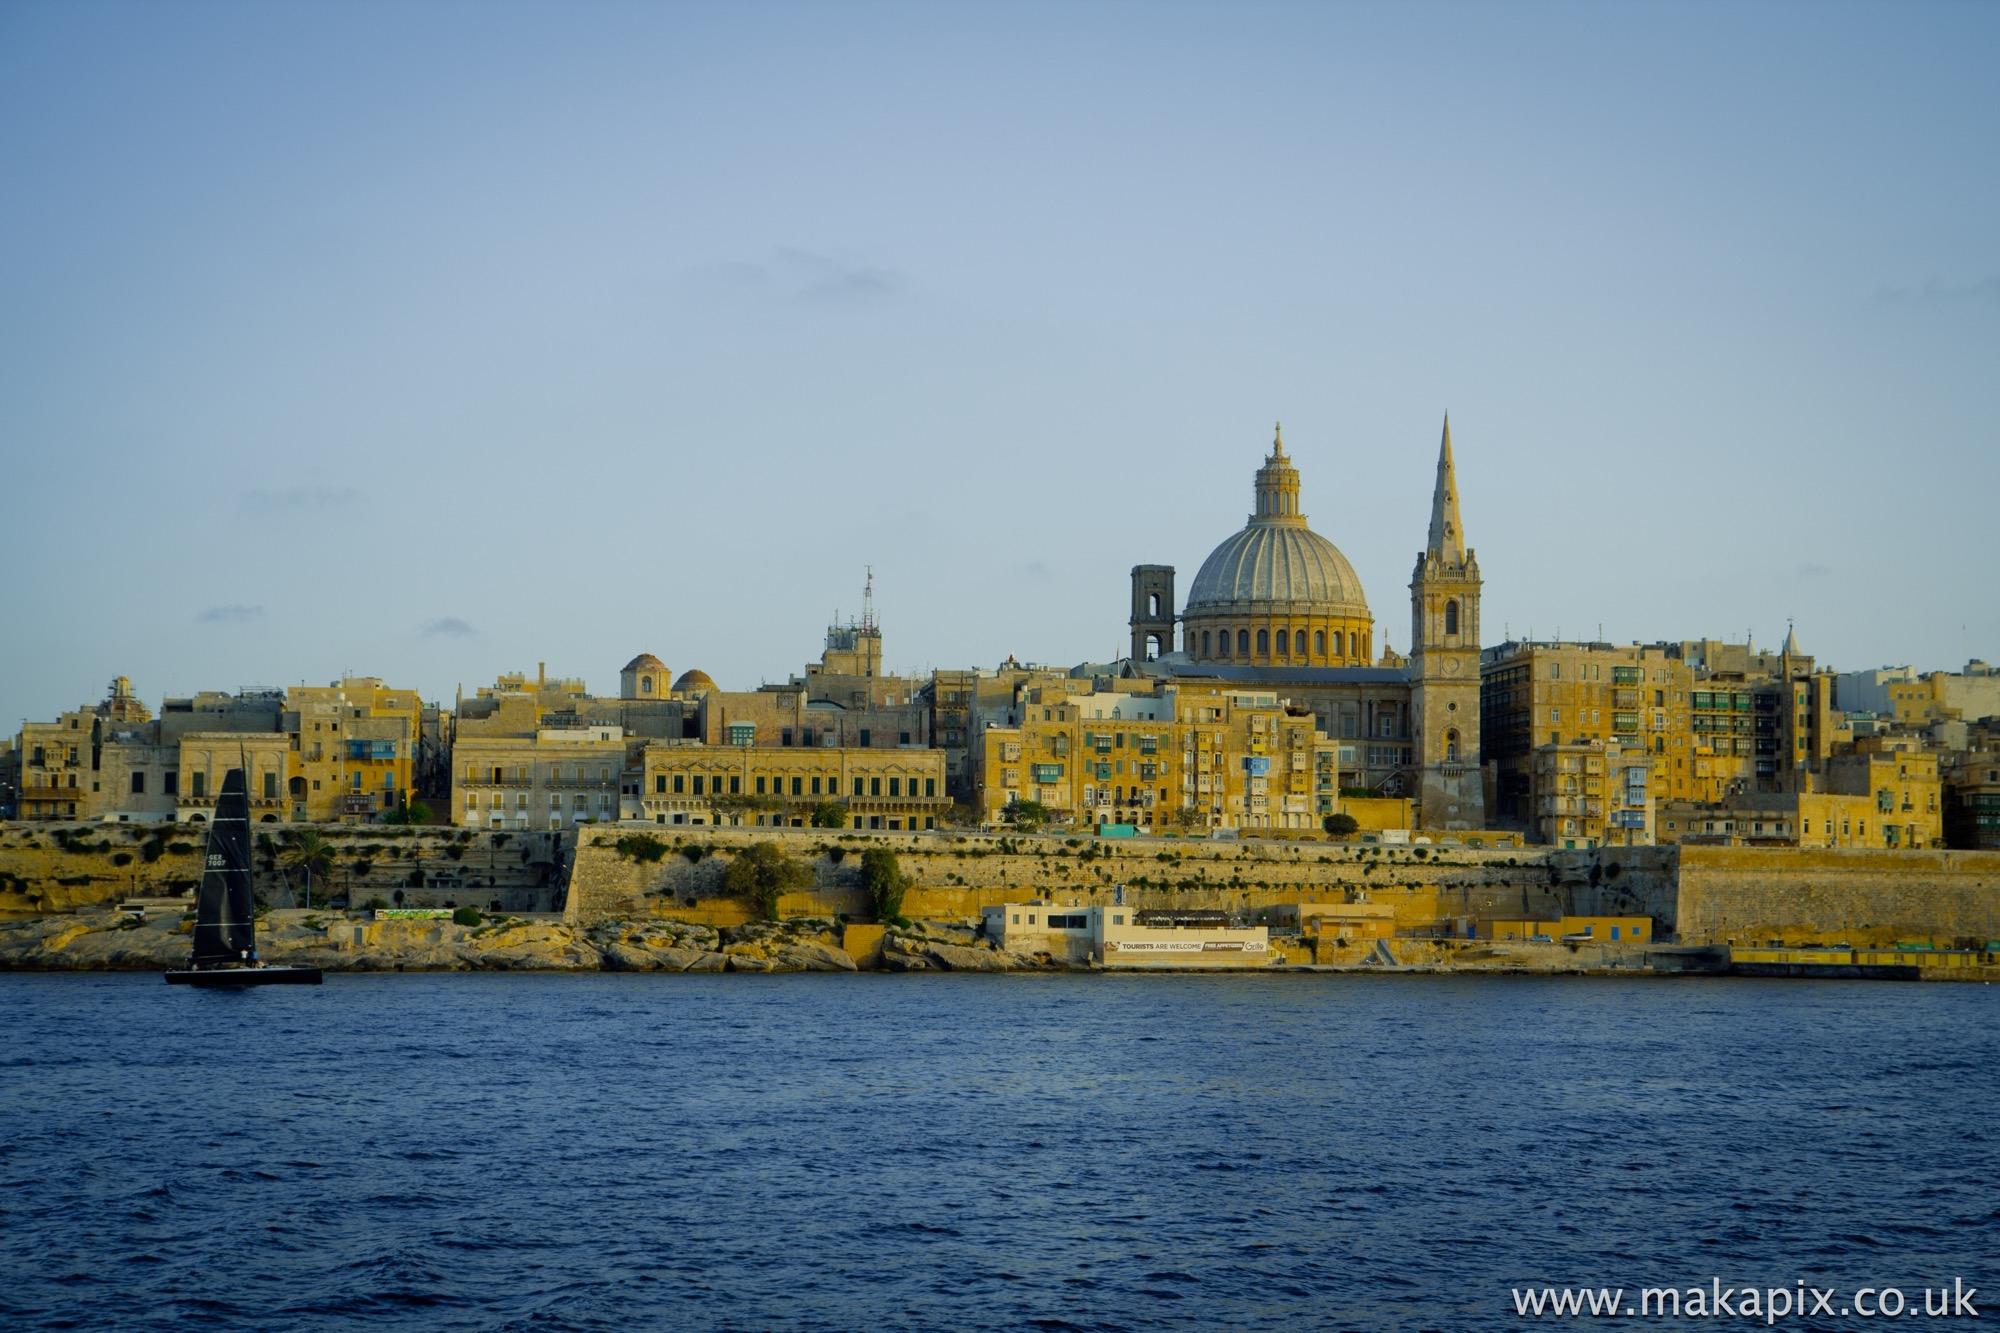 Malta-Valletta 2014